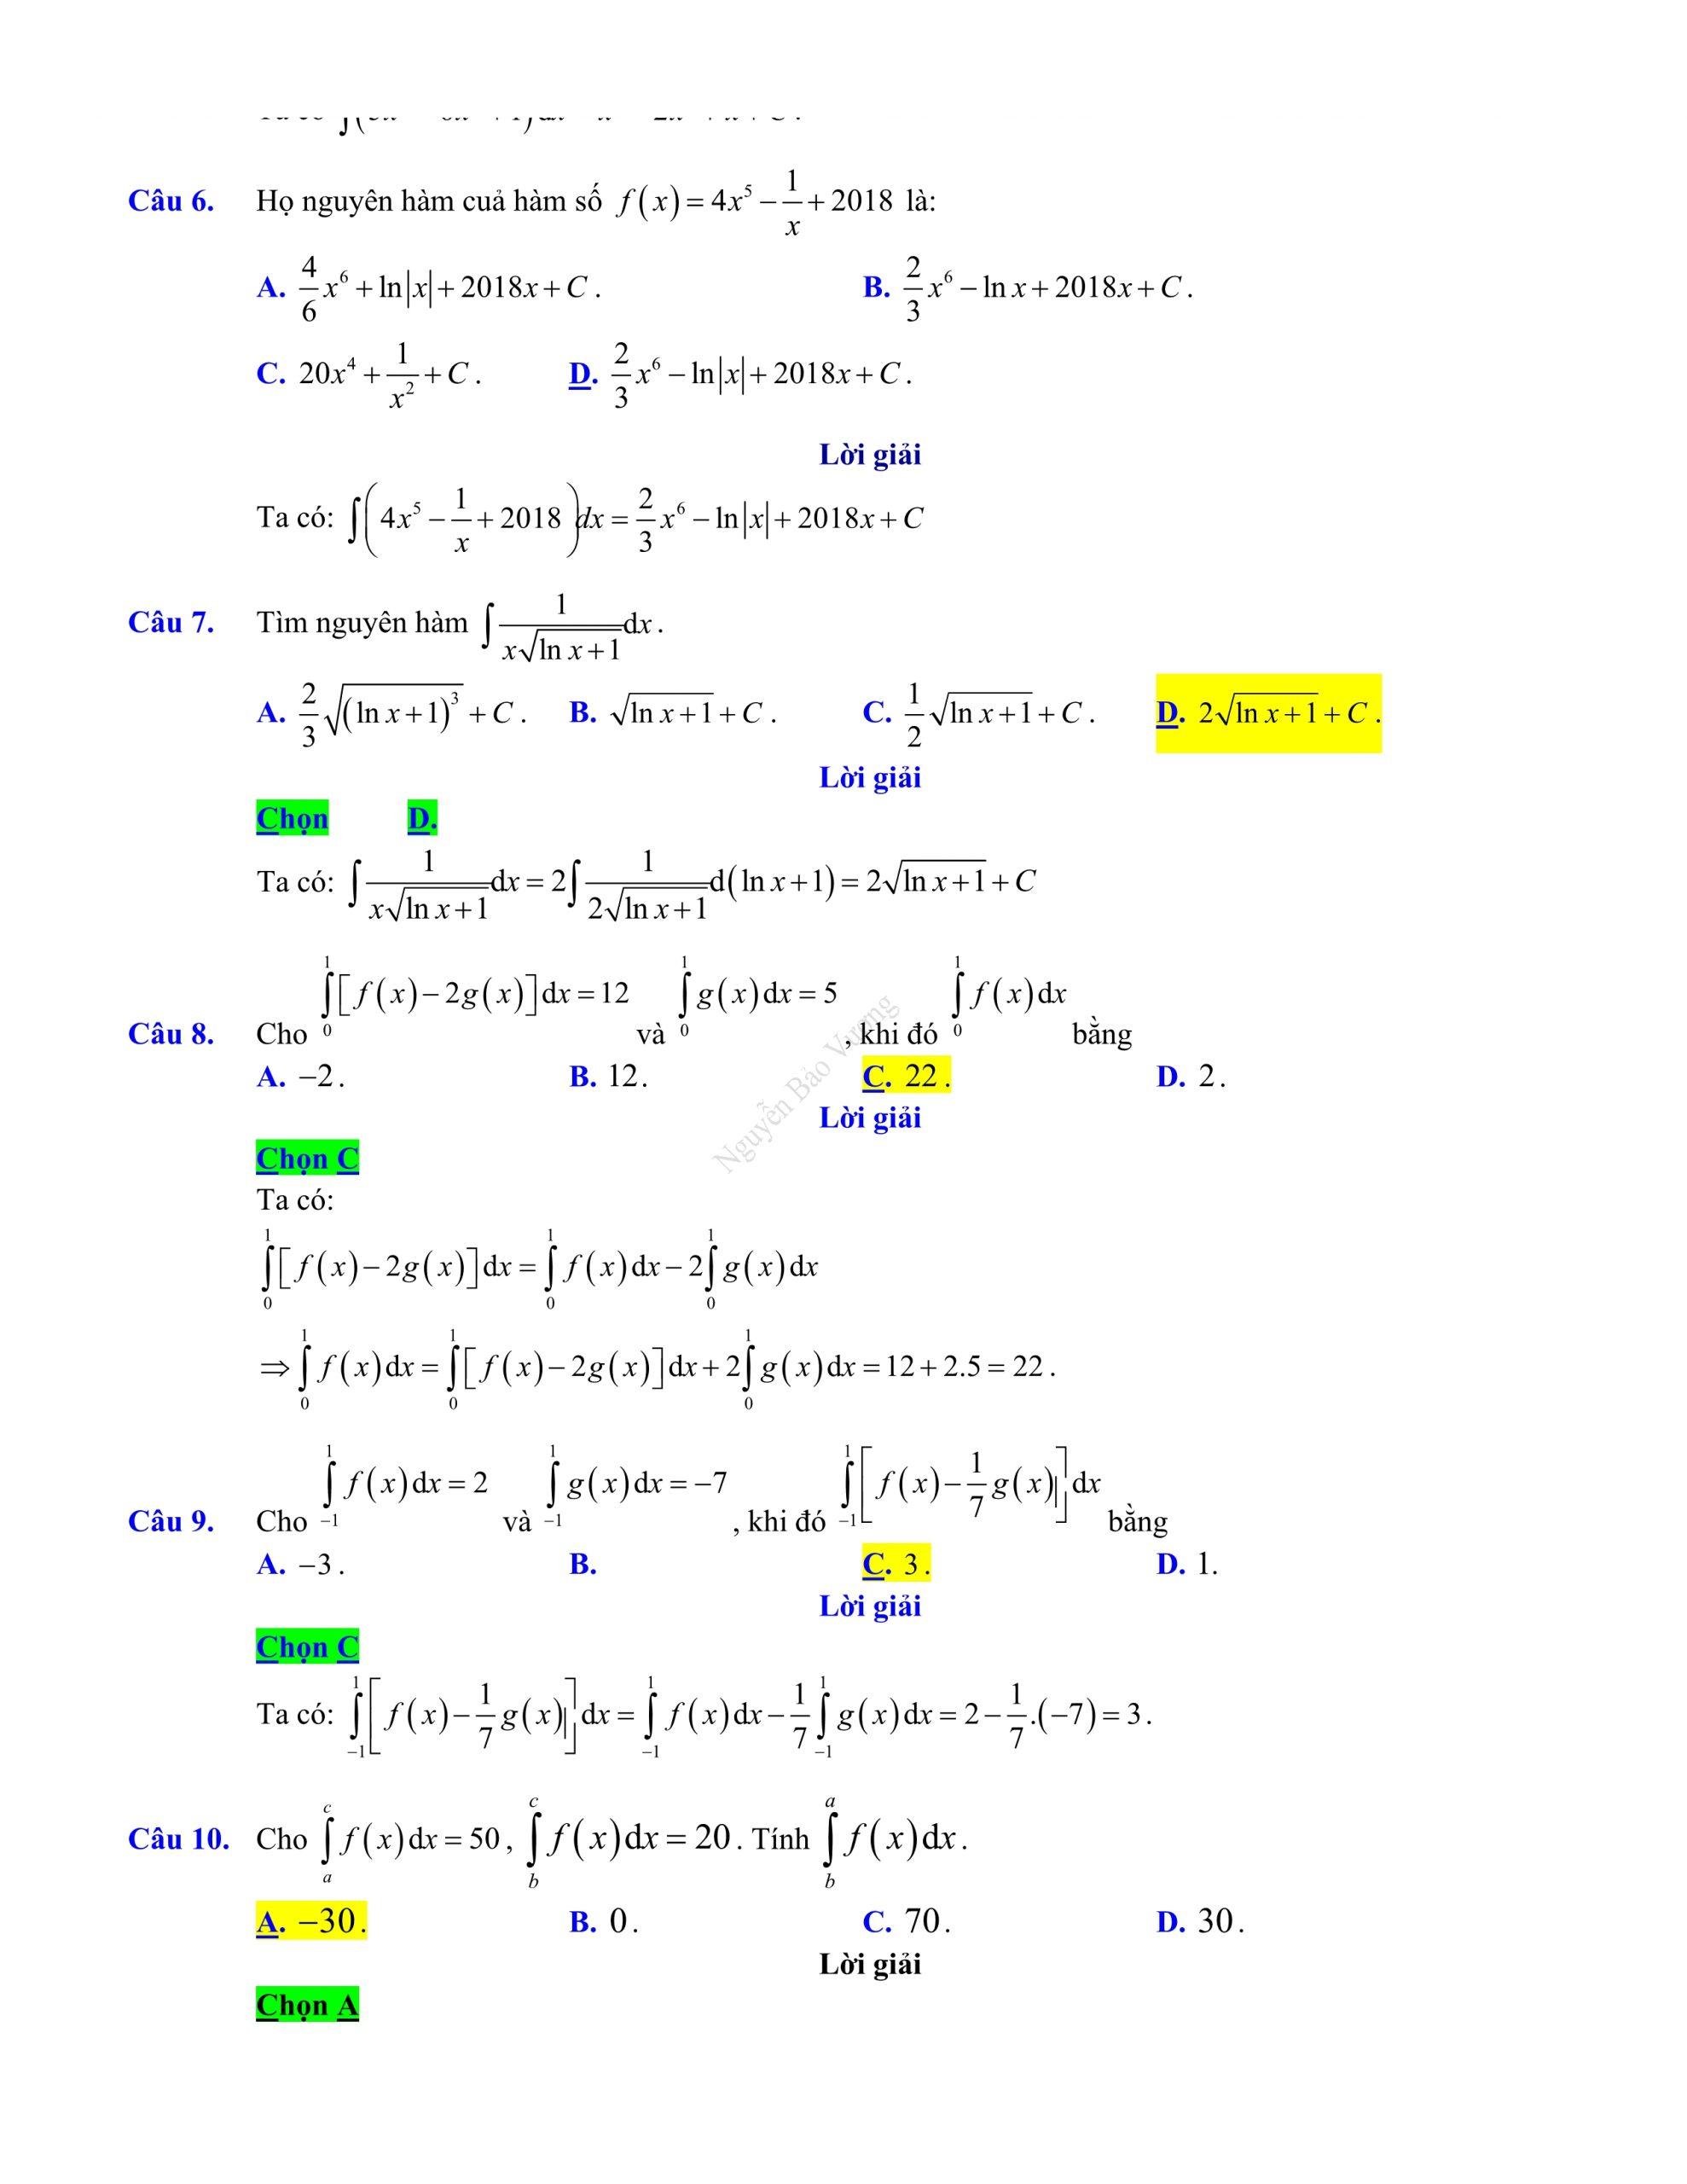 Đề thi giữa hk2 toán 12 có đáp án 2021 dễ giải